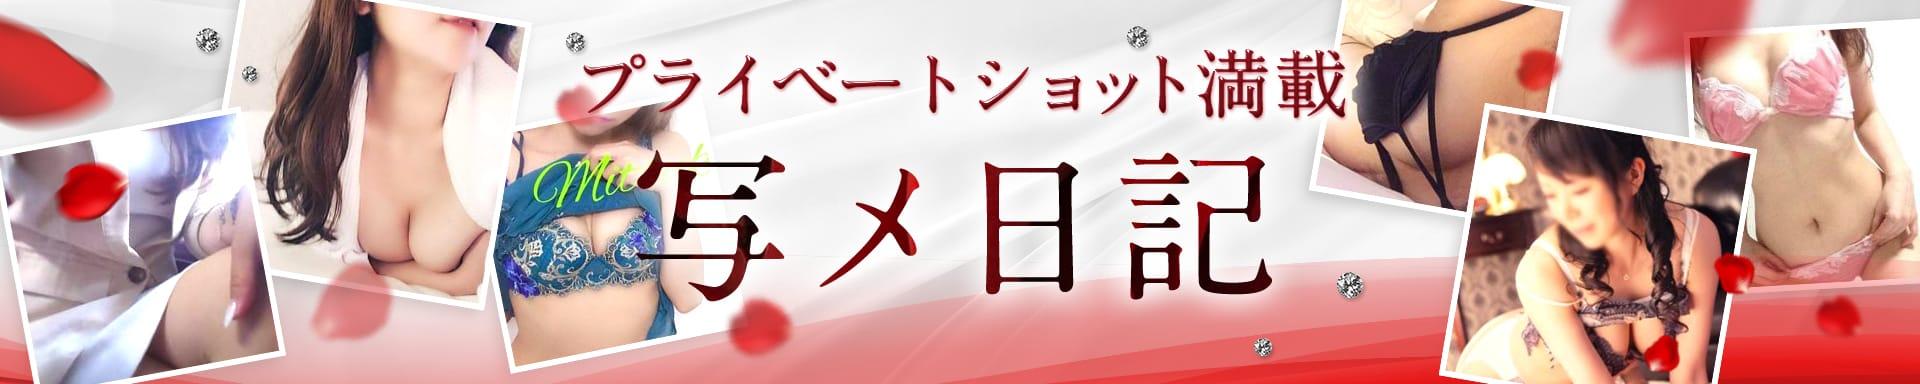 上野CLUB A(クラブエー) その3